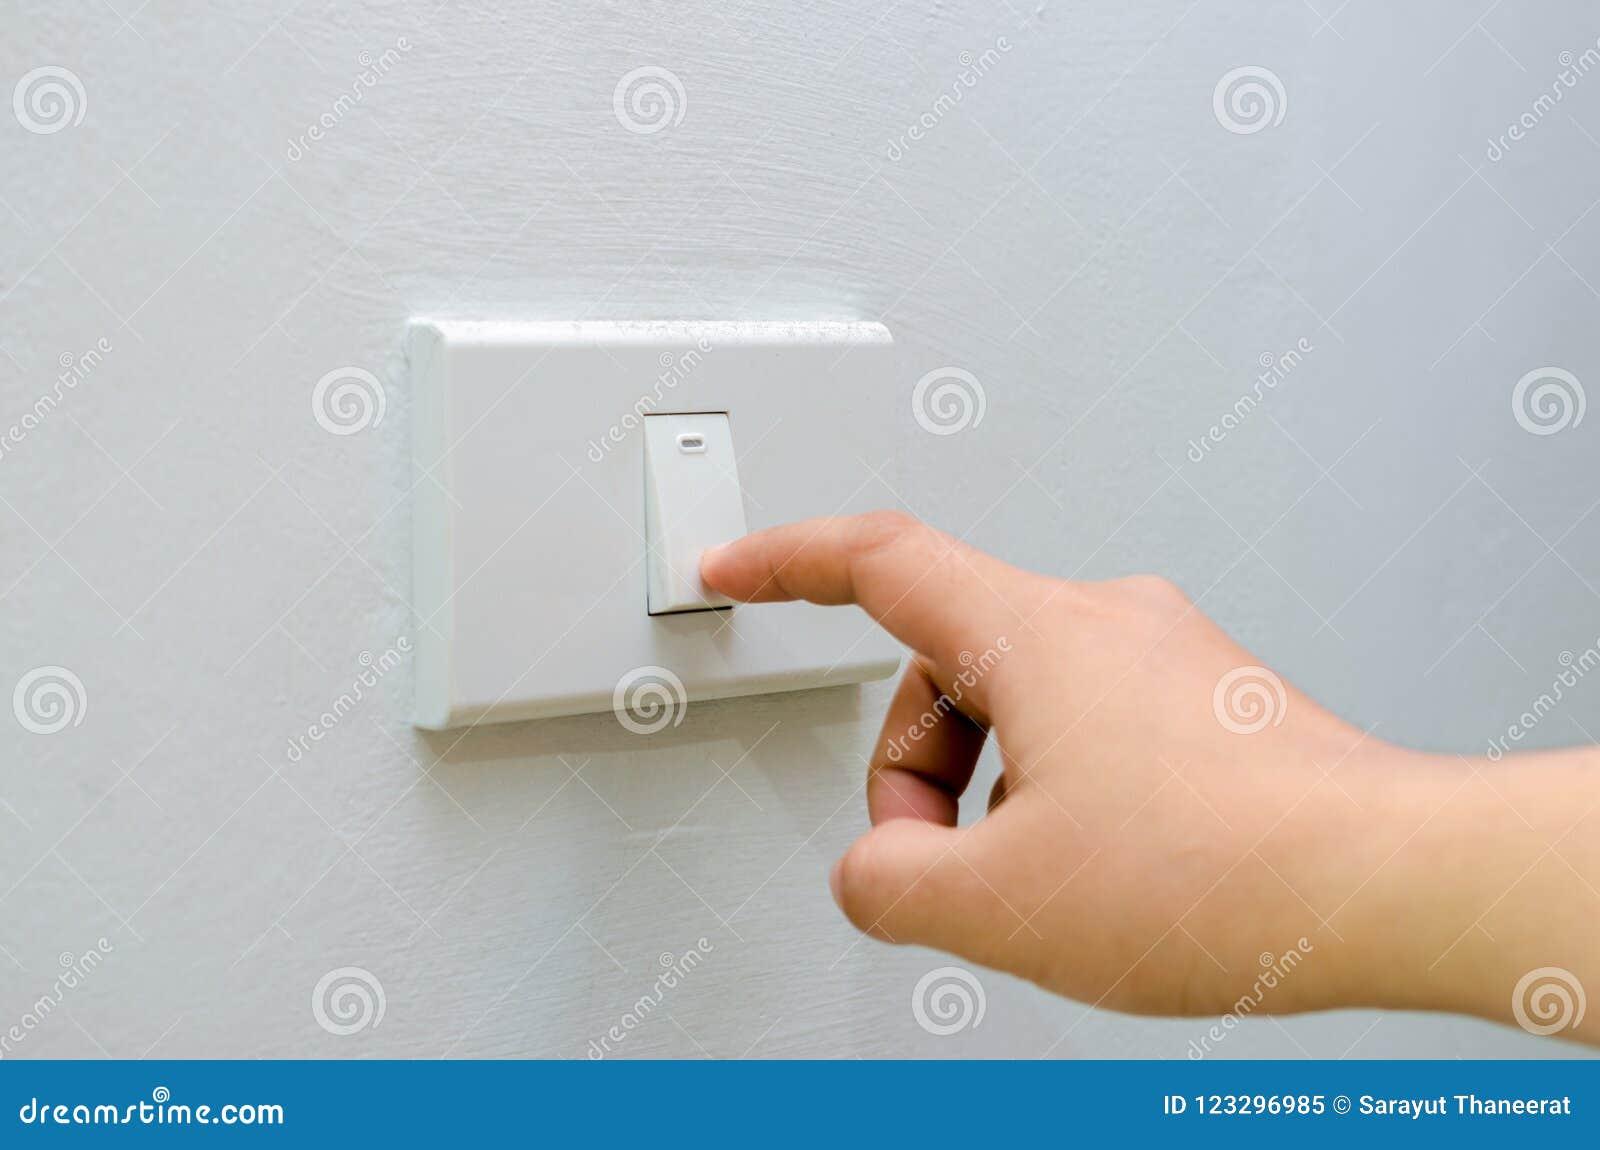 Сохраньте электричество близкое вверх пальца поворачивает включено-выключено на выключателе рука женщины с пальцем на космосе экз